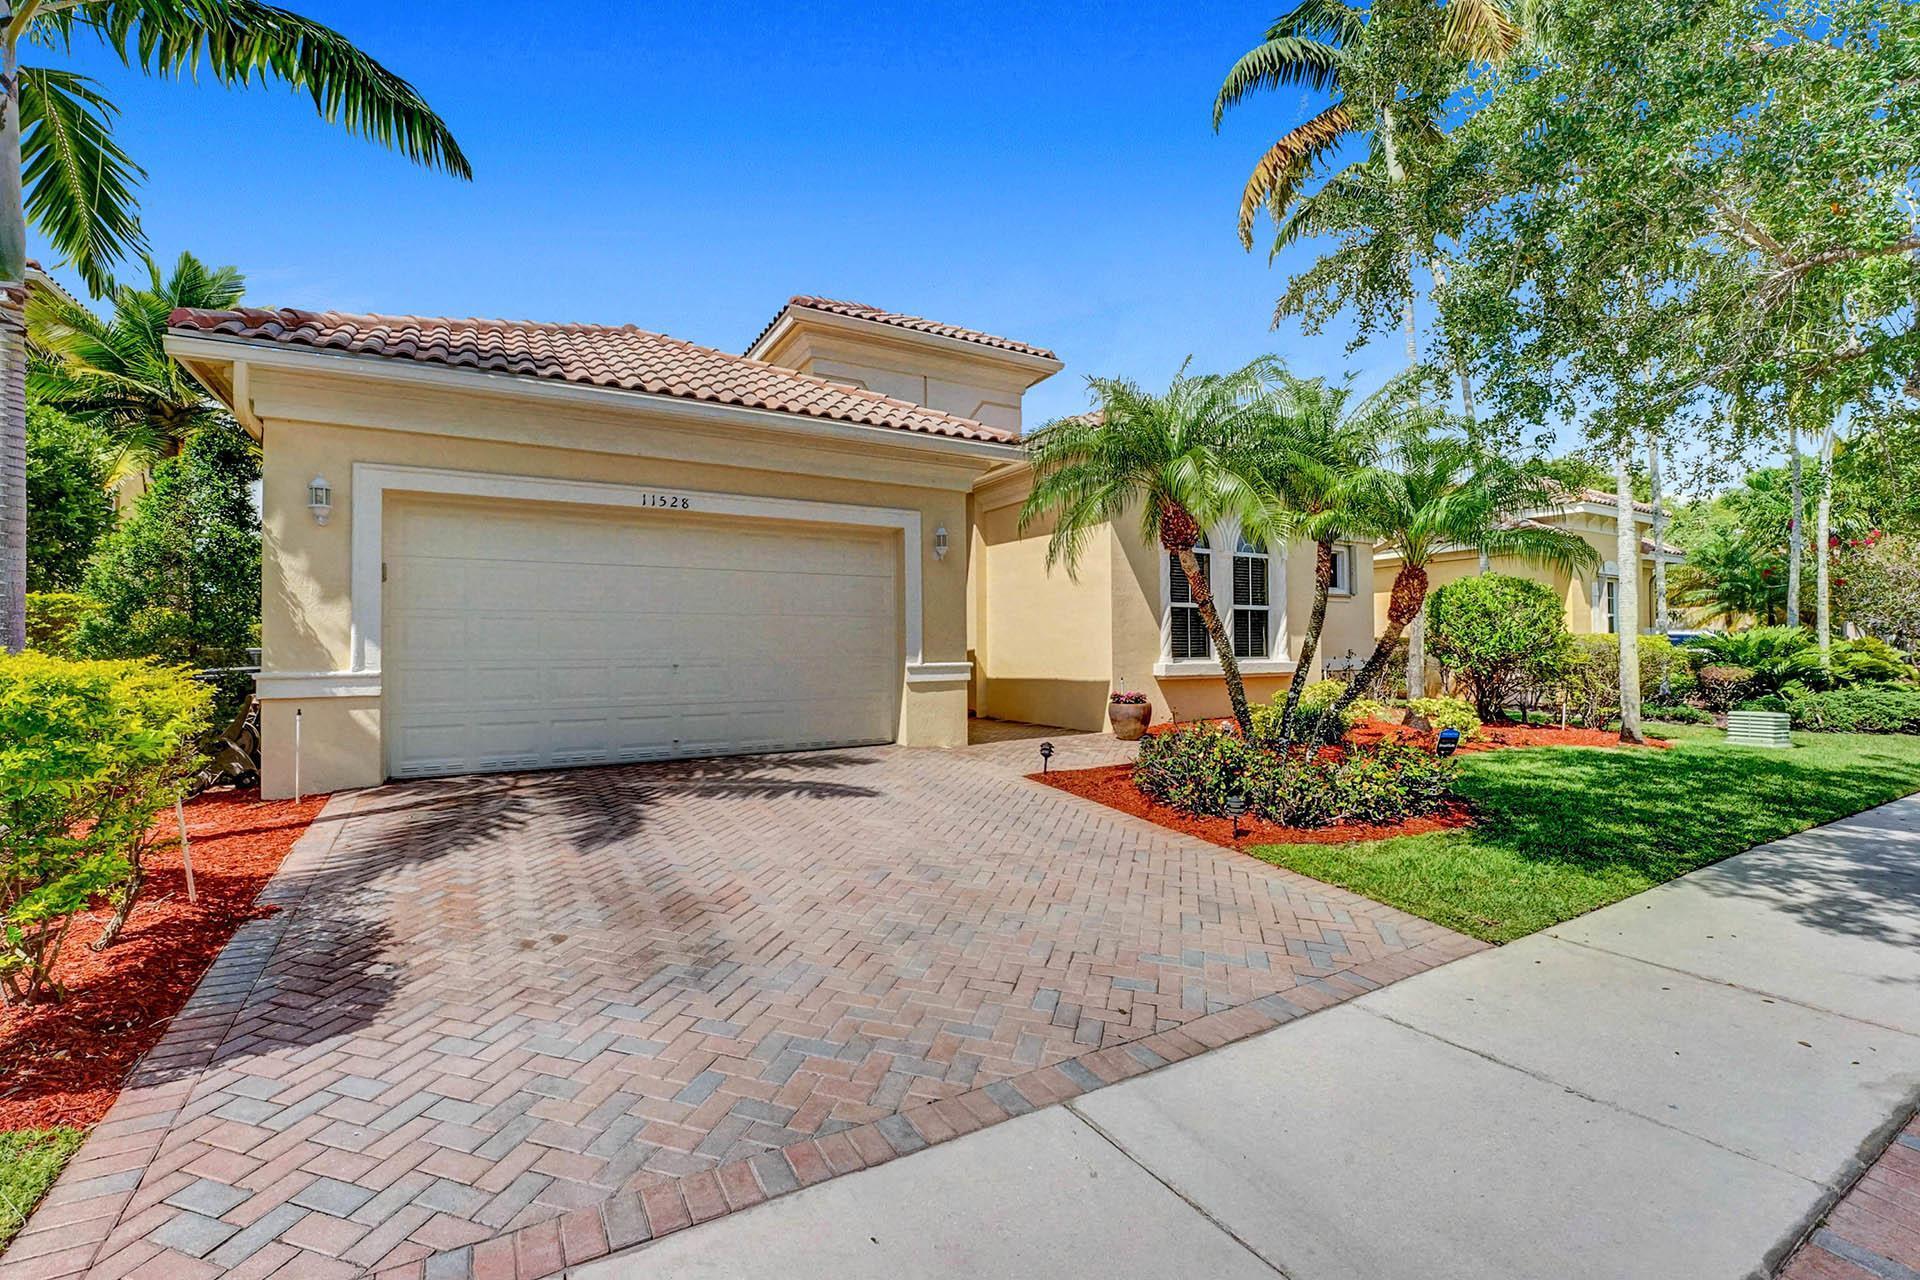 11528 73rd, Parkland, Florida 33076